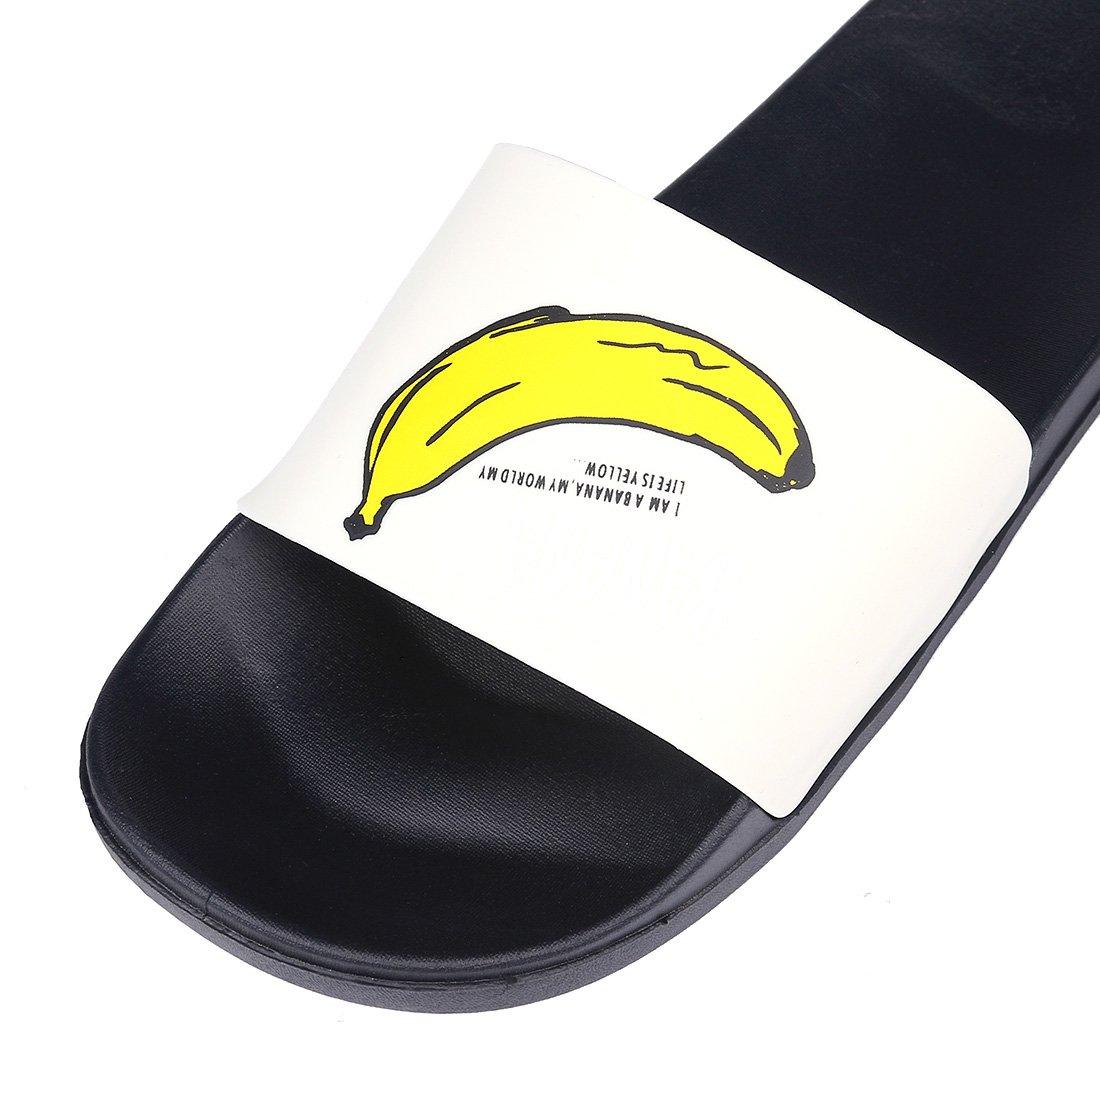 Cute Fruit House Slippers Women Men Family Shower Slide Anti-Slip Bath Slippers BK38 by Beslip (Image #3)